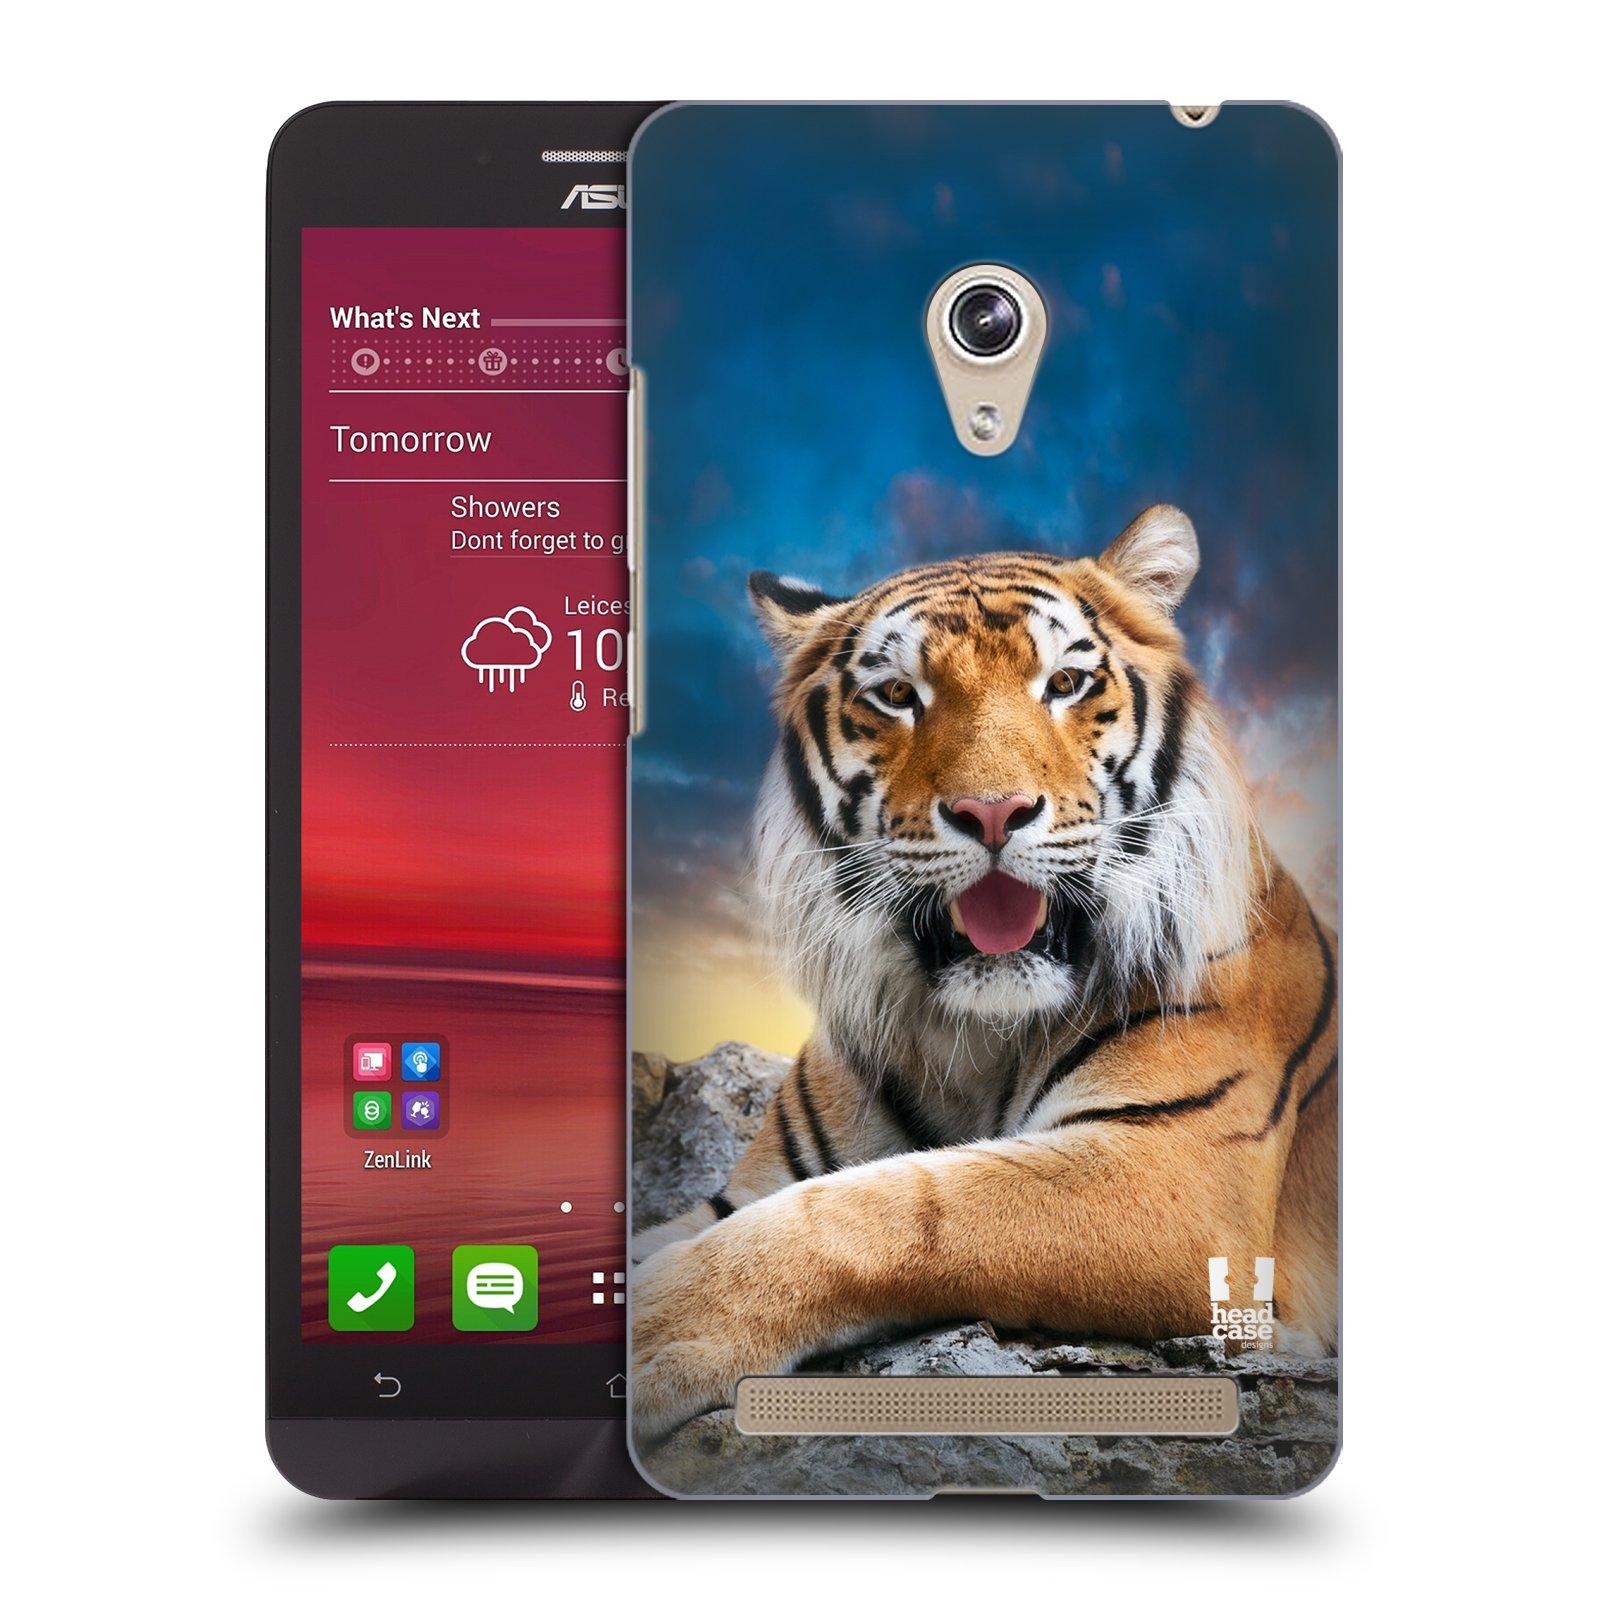 HEAD CASE plastový obal na mobil Asus Zenfone 6 vzor Divočina, Divoký život a zvířata foto TYGR A NEBE